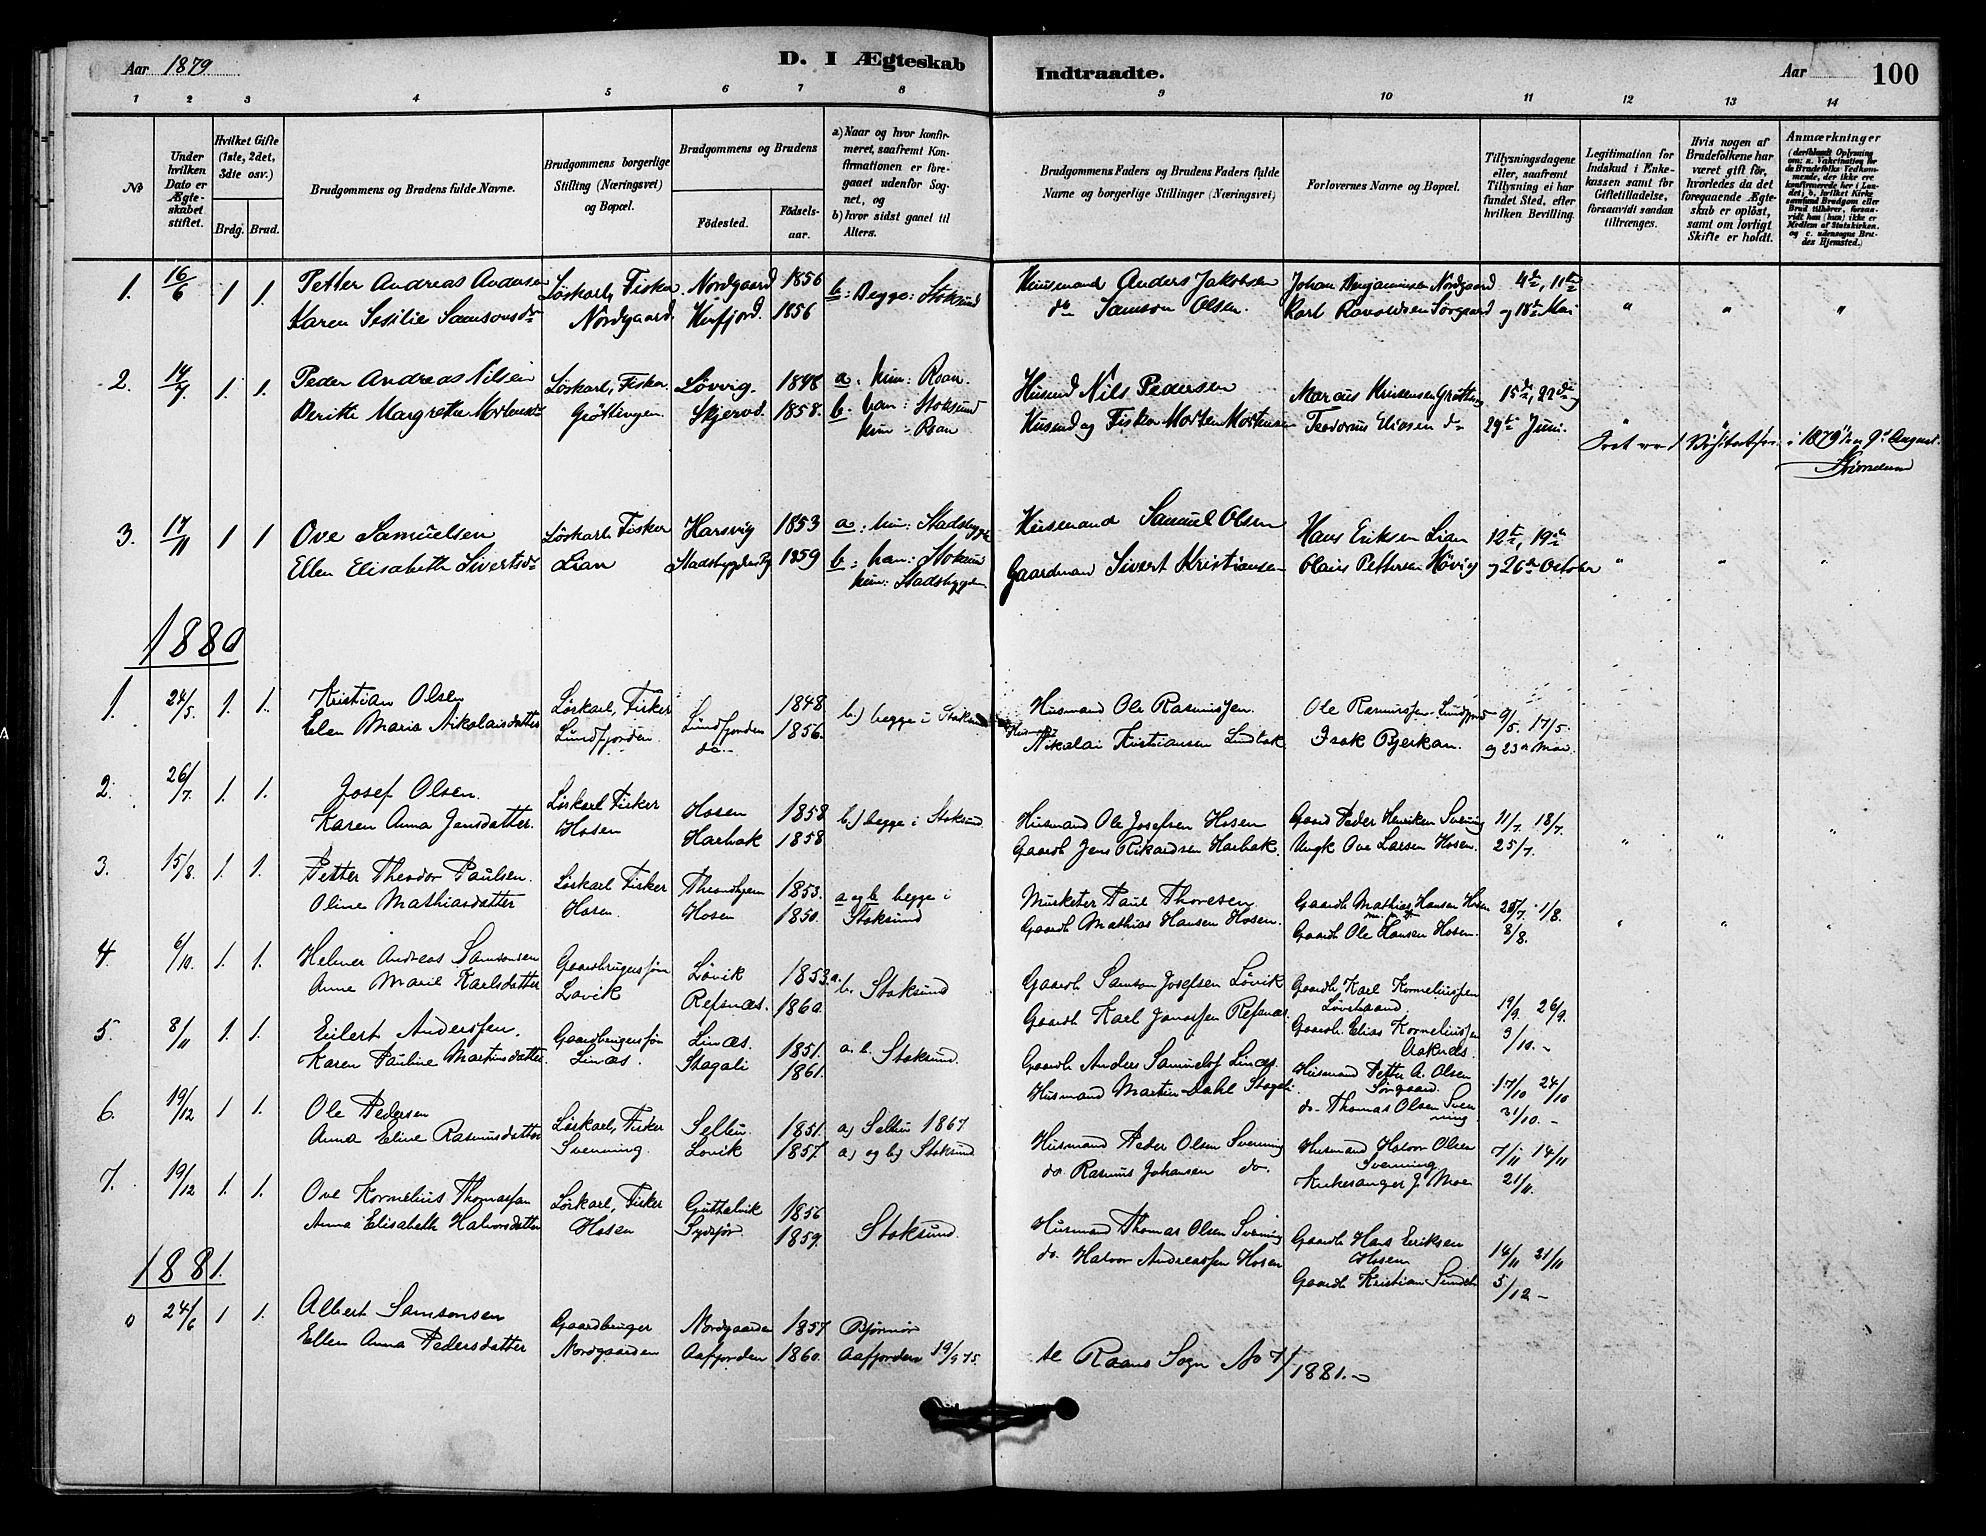 SAT, Ministerialprotokoller, klokkerbøker og fødselsregistre - Sør-Trøndelag, 656/L0692: Ministerialbok nr. 656A01, 1879-1893, s. 100